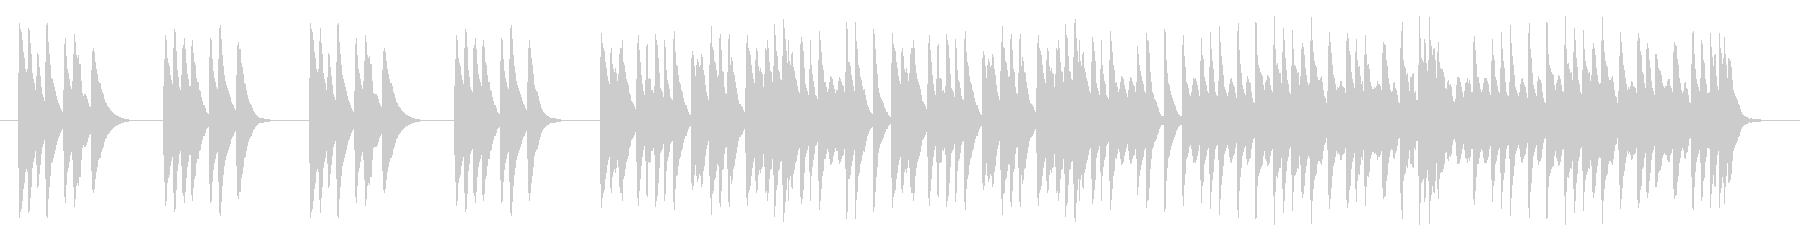 木琴だけのかわいいBGMの未再生の波形